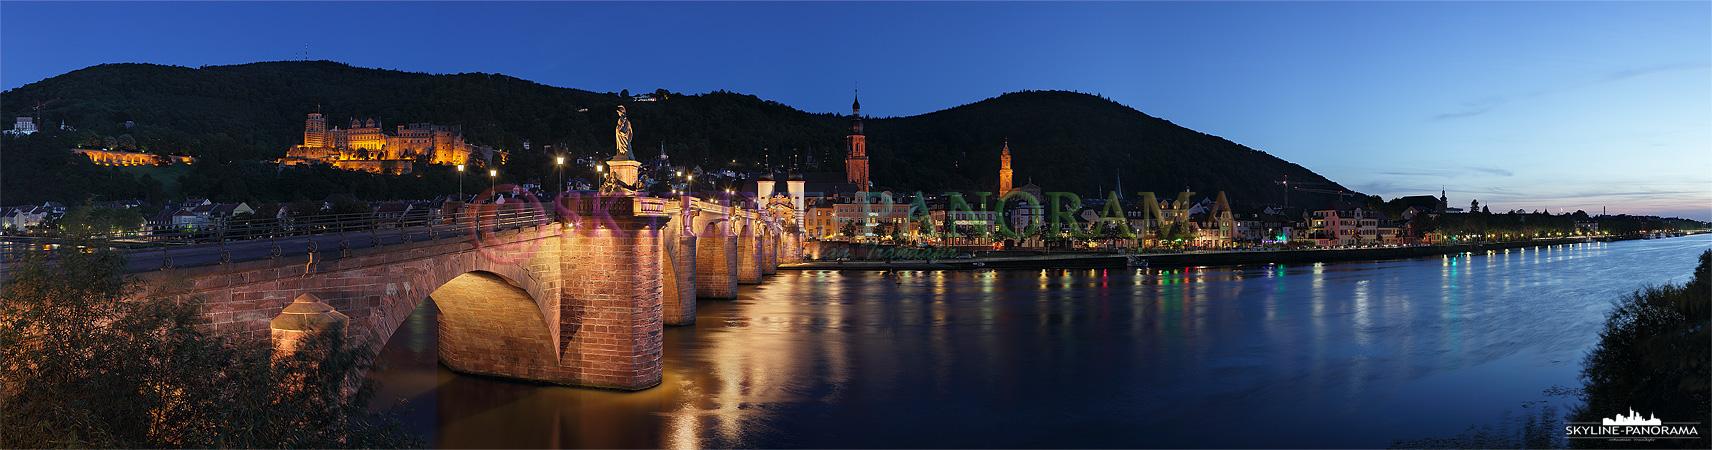 Bild Stadtansicht - Panorama Bild der Heidelberger Altstadt, dem Schloss und der Alten Brücke mit dem historischen Brückentor.